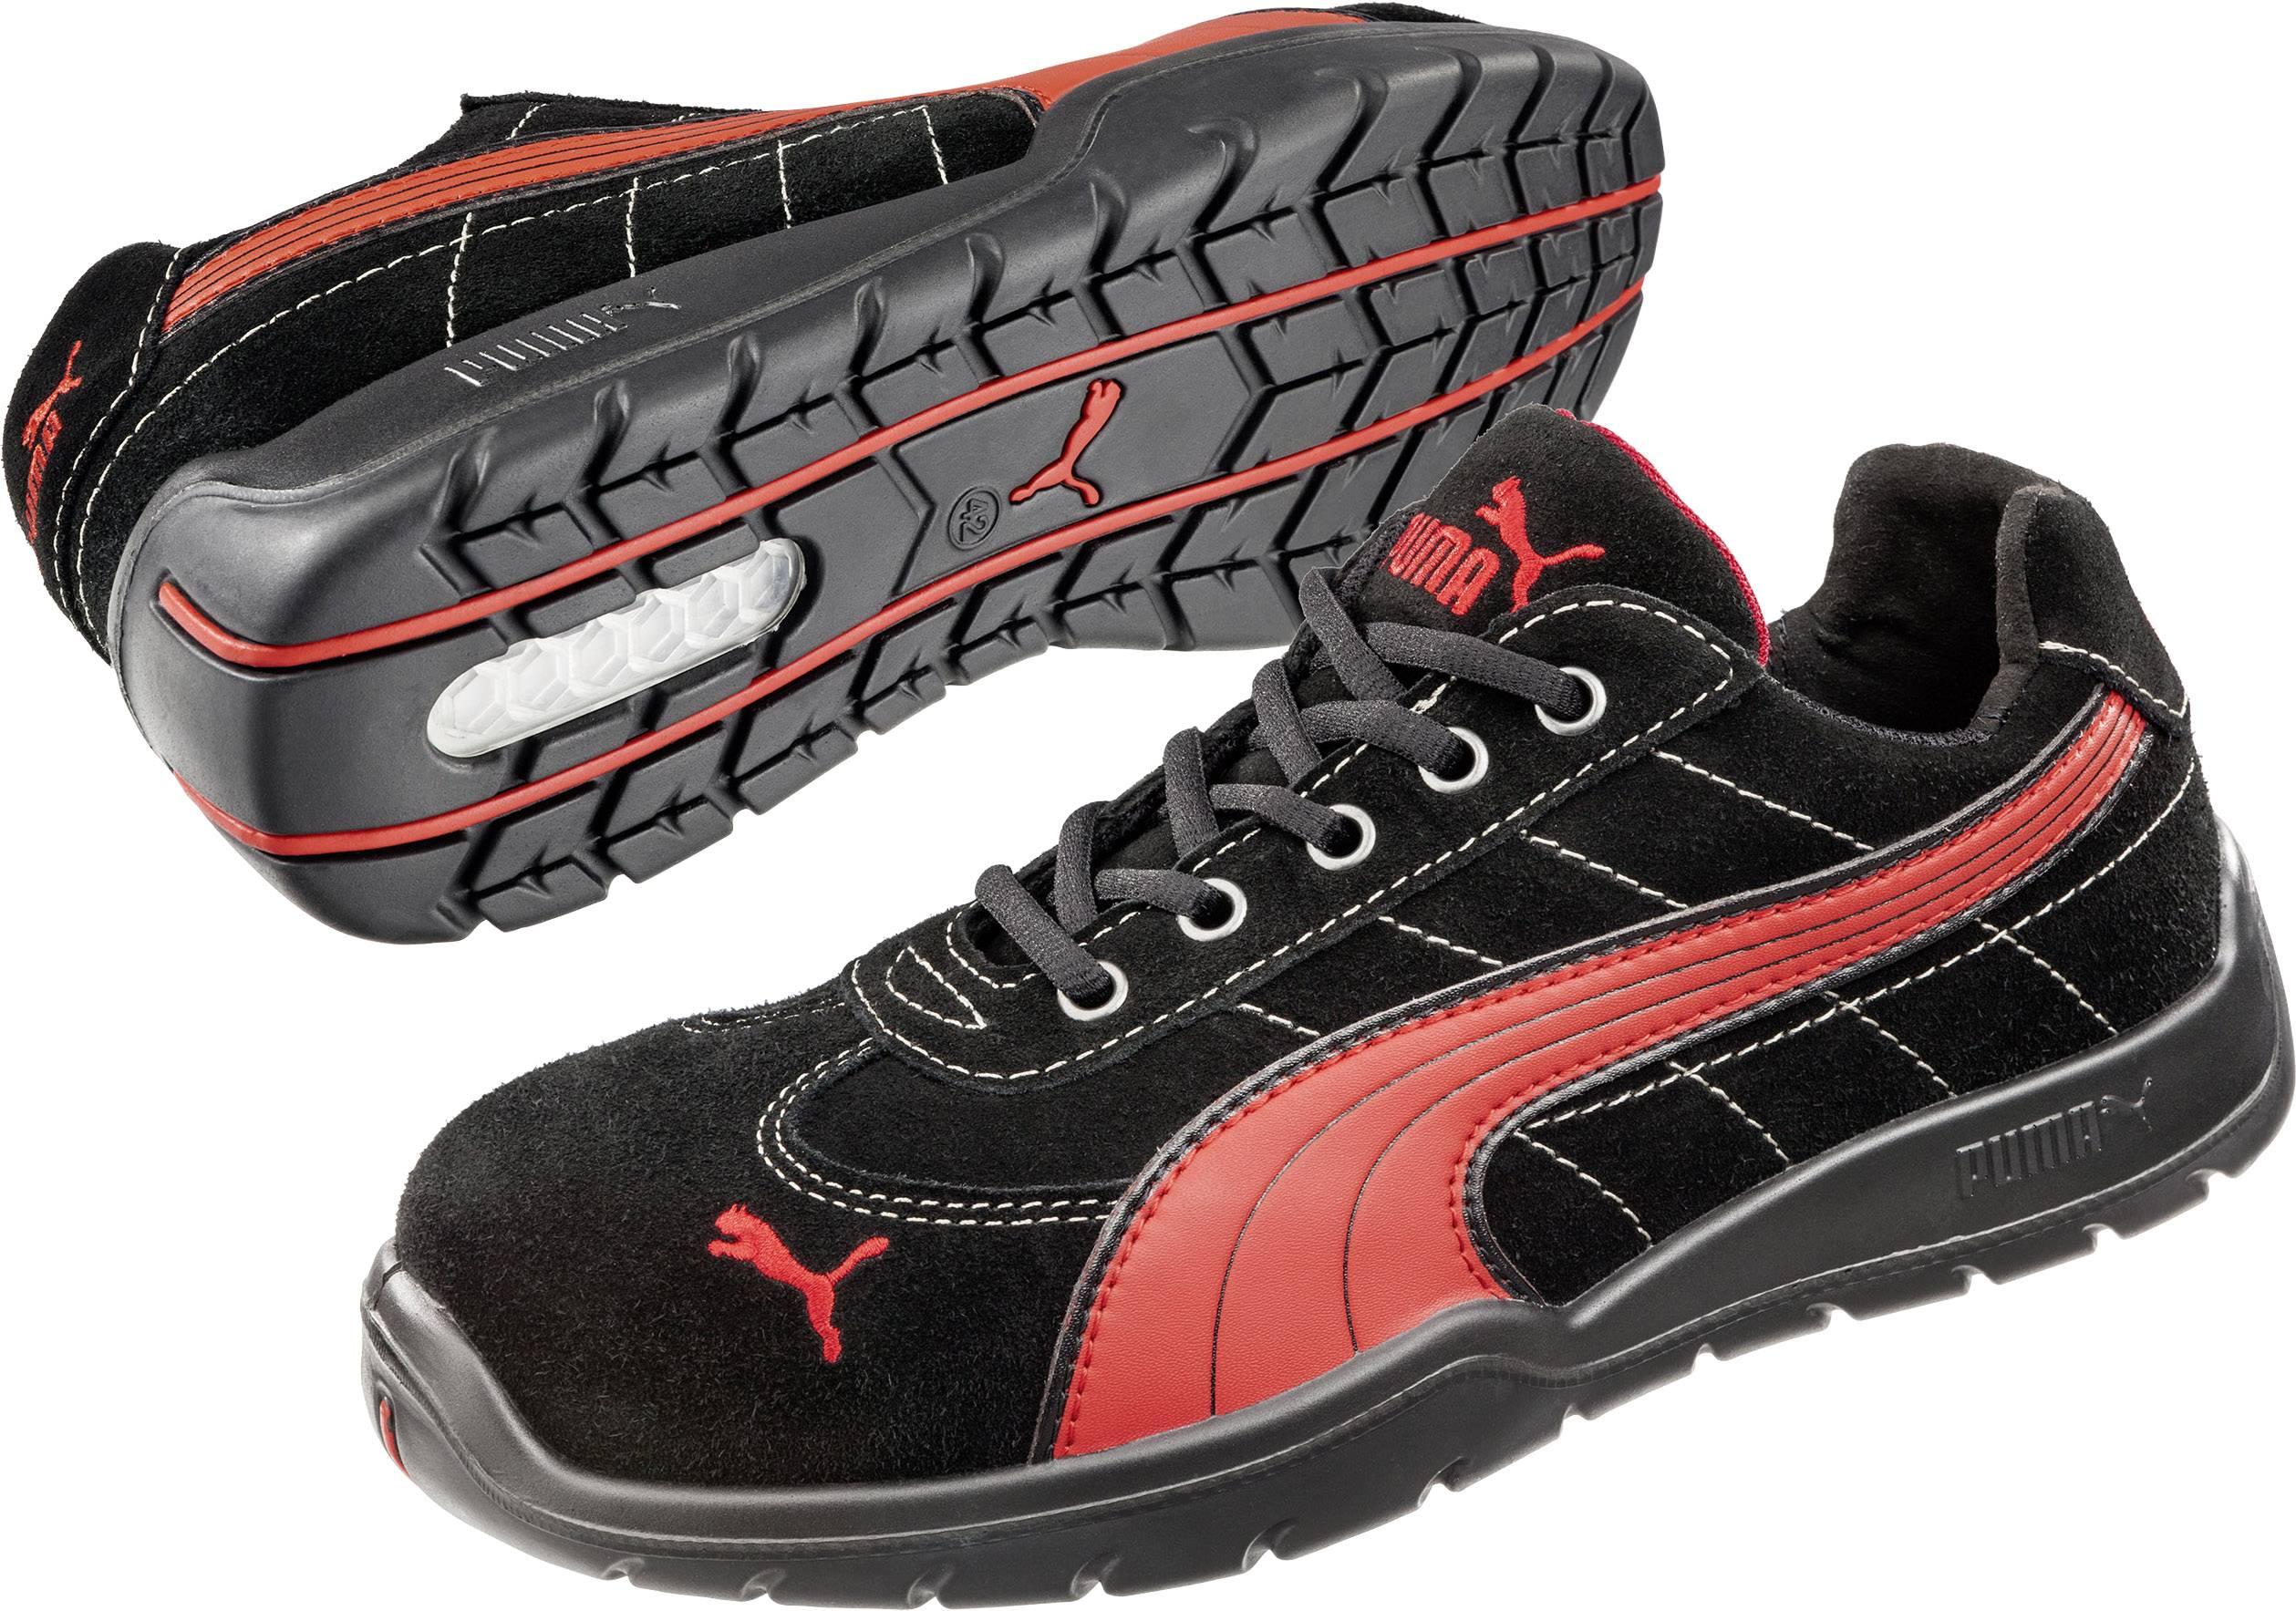 Chaussures basses de sécurité S1P Taille: 43 PUMA Safety FUSE MOTION RED LOW HRO SRA 642540 coloris noir, rouge 1 paire